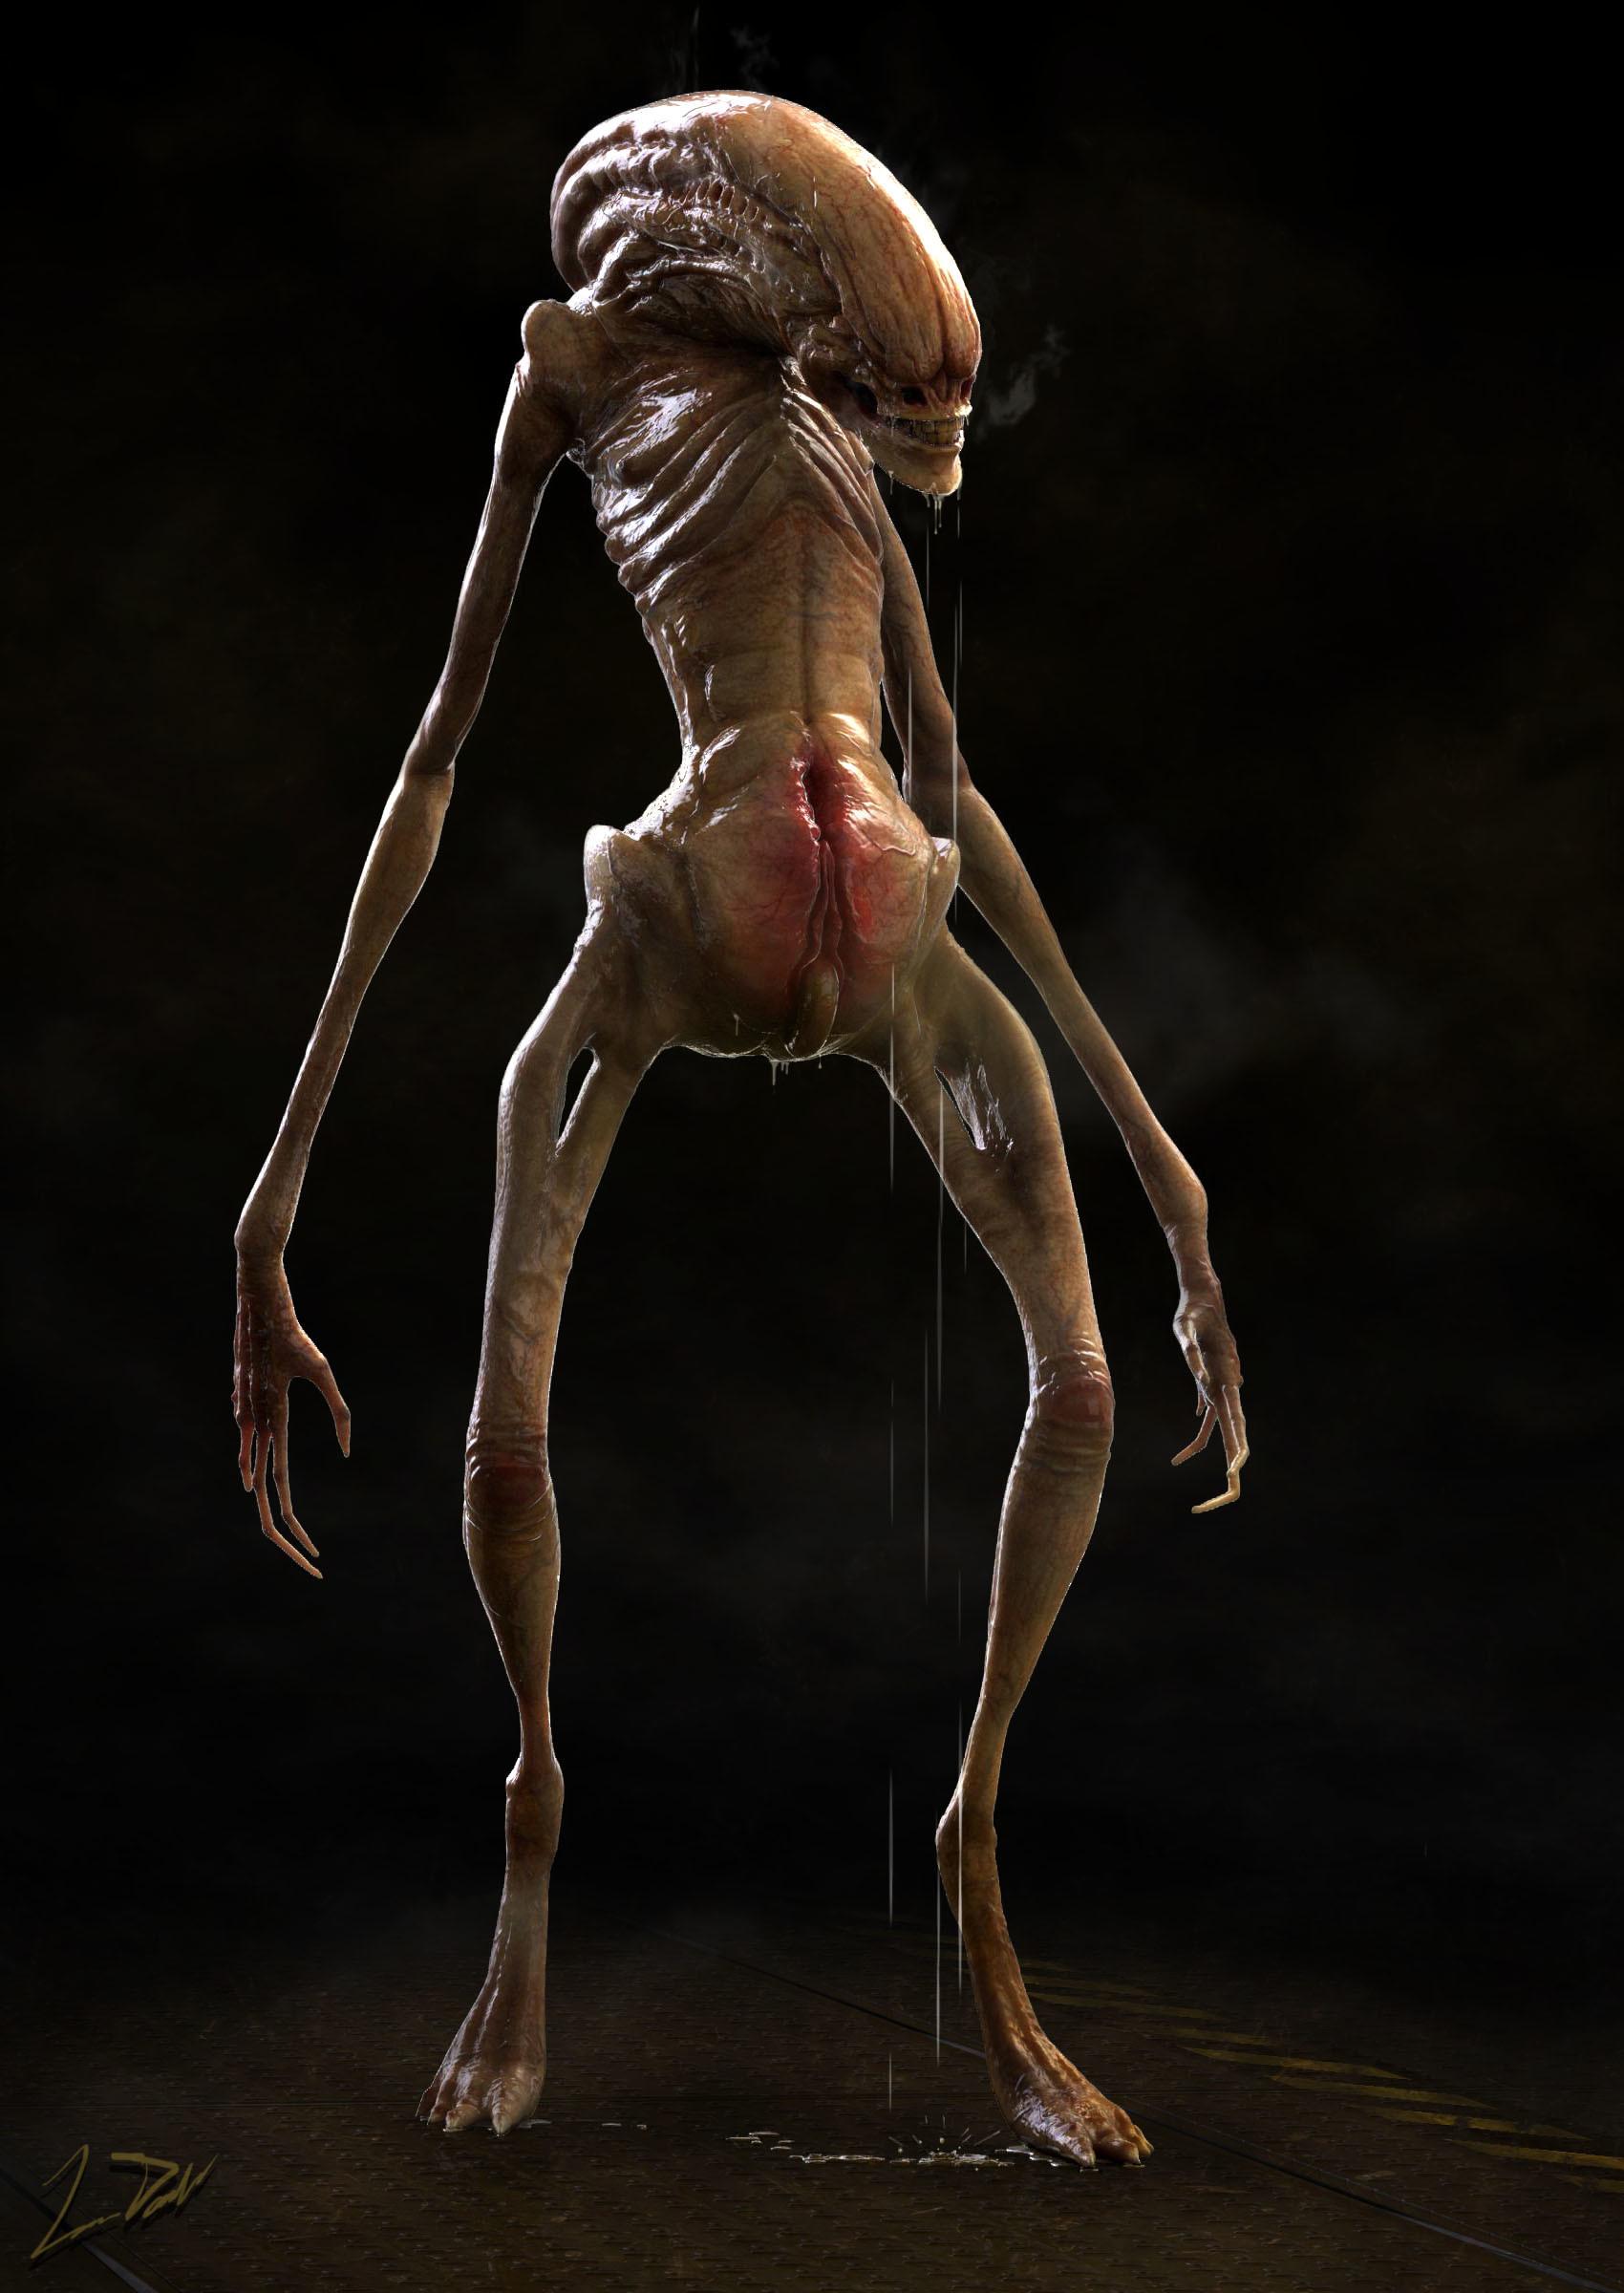 ArtStation - Alien Newborn Concept Design, Luis Deckard